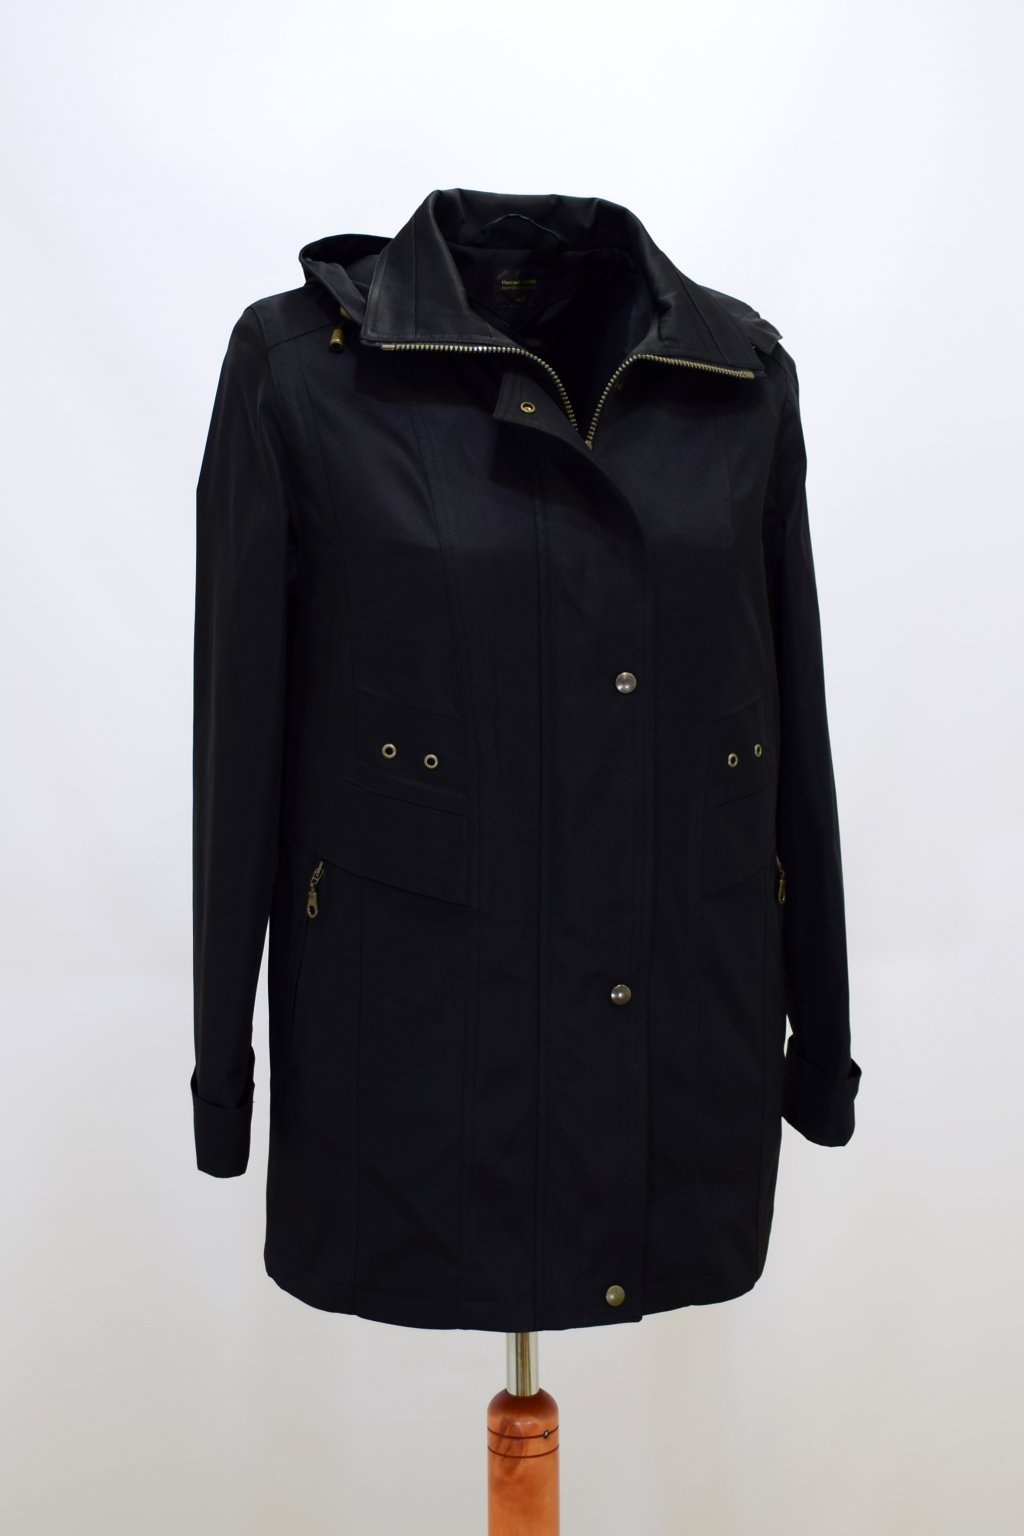 Dámská černá jarní bunda Helena nadměrné velikosti.